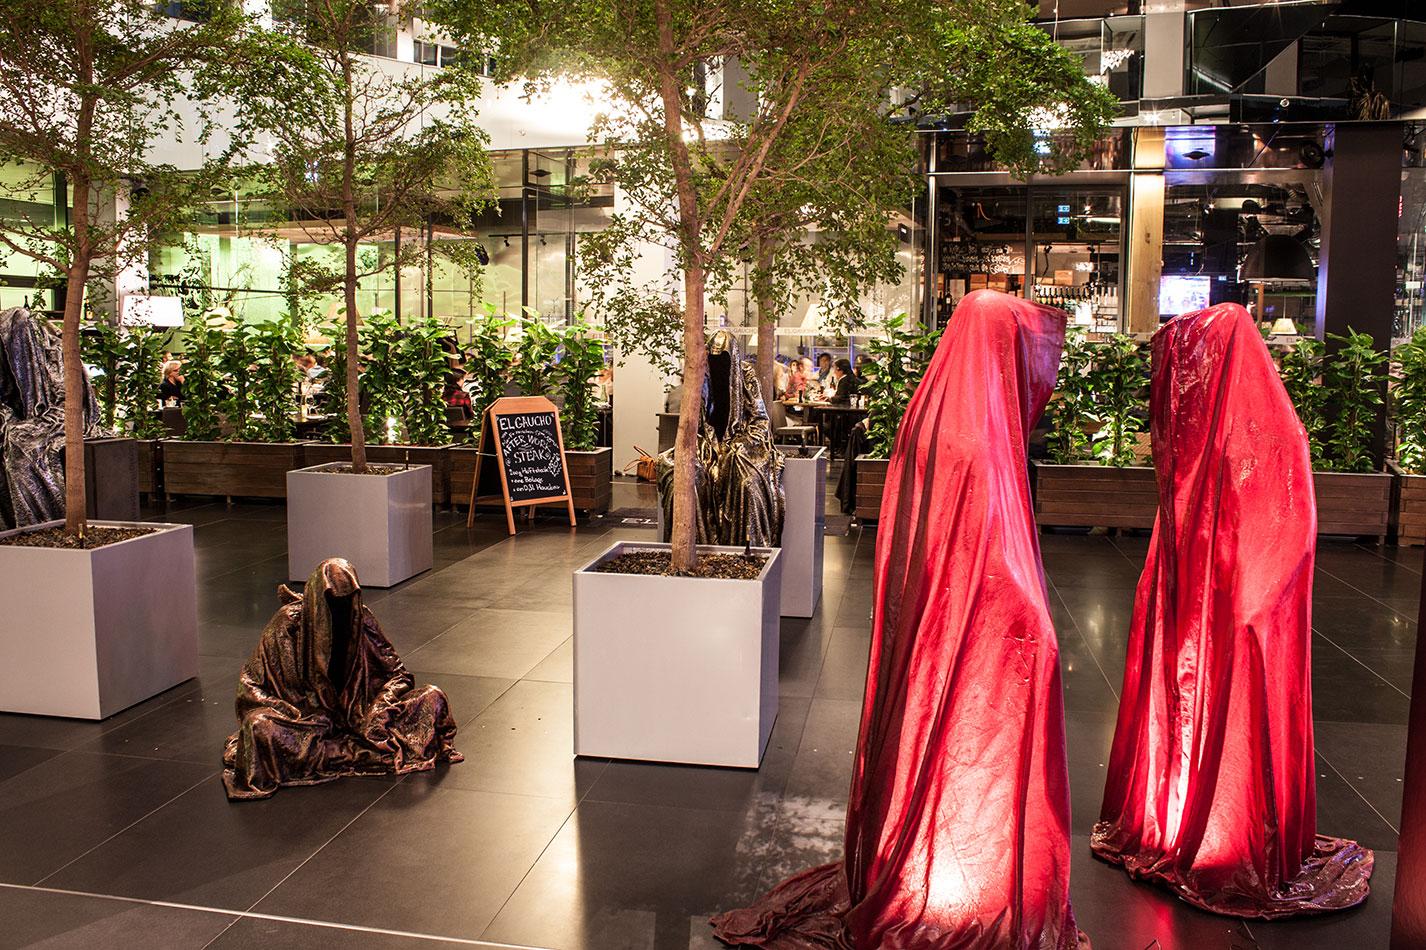 stilwerk-wien-design-tower-vienna-duekouba-designkooperation-guardians-of-time-manfred-kieli-kielnhofer-contemporary-fine-art-arts-design-installation-antique-show-4823